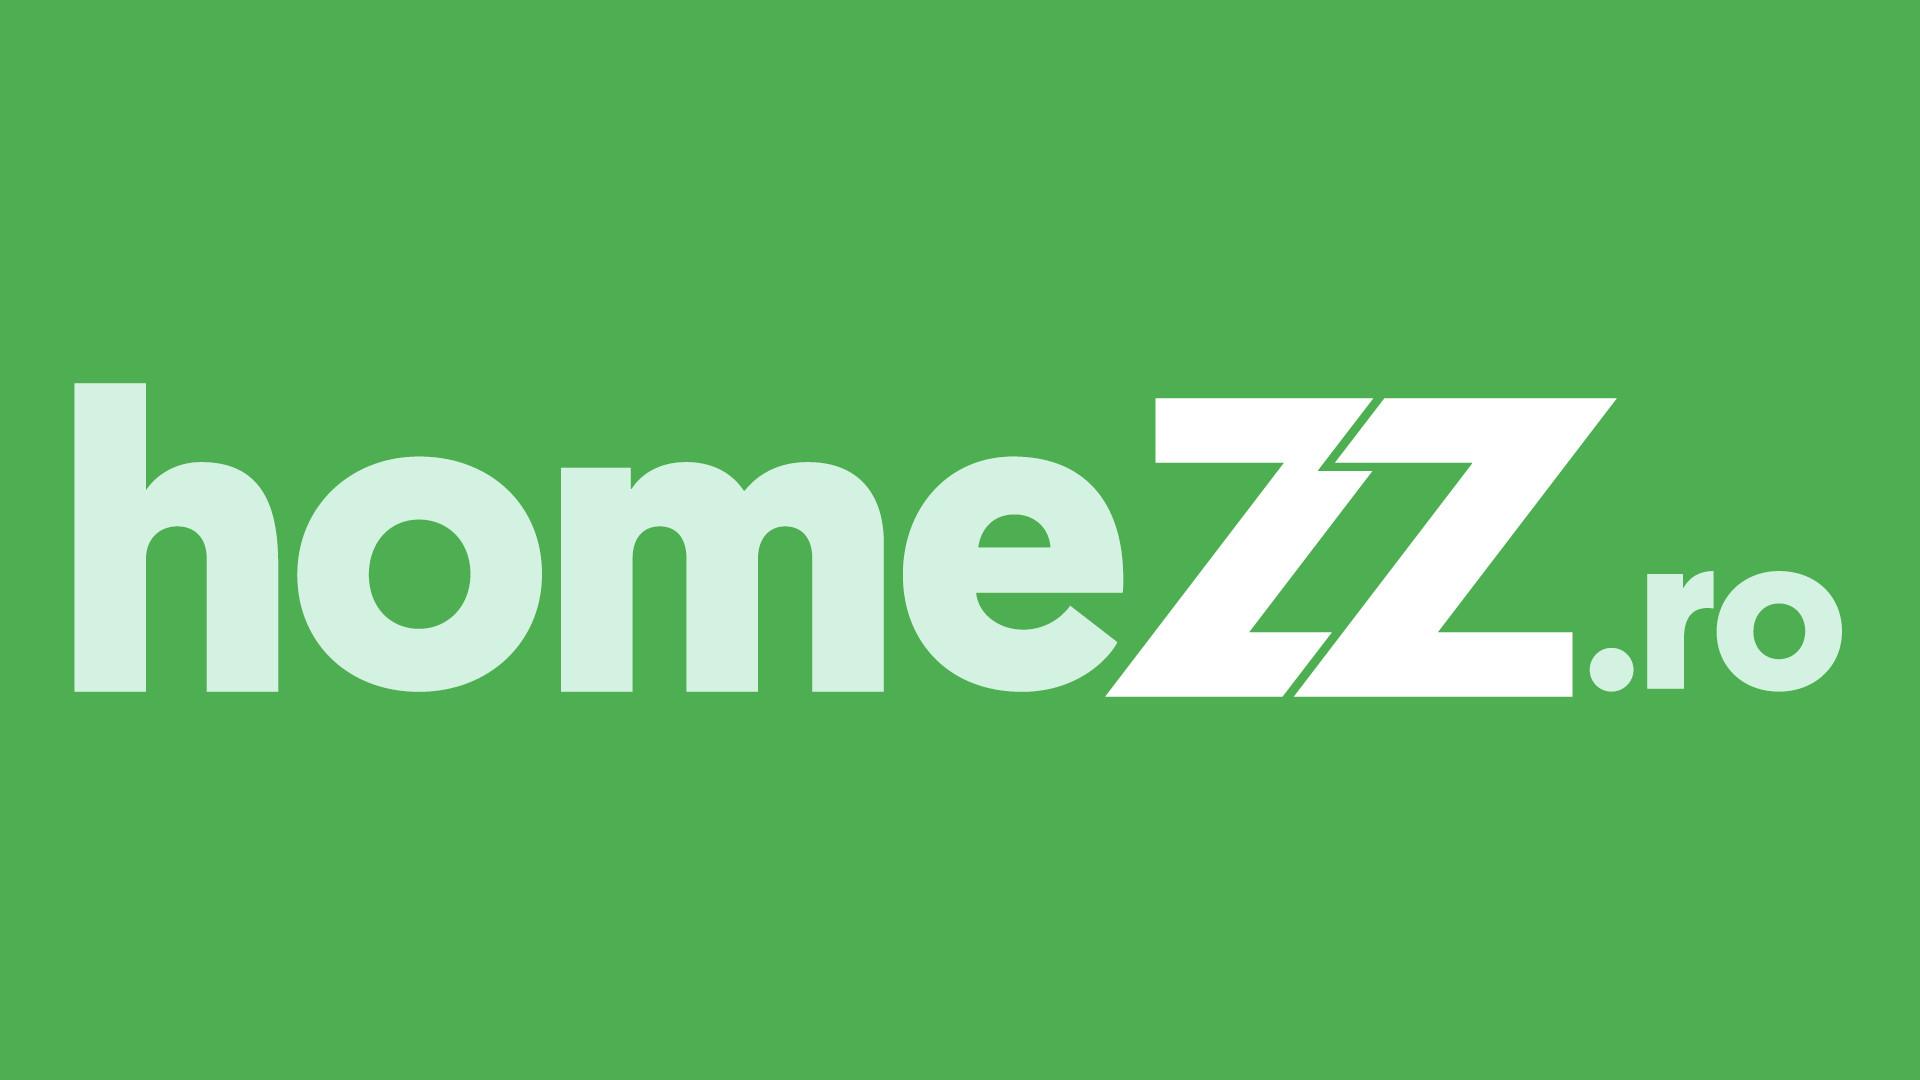 logo1920x1080-bg-verde